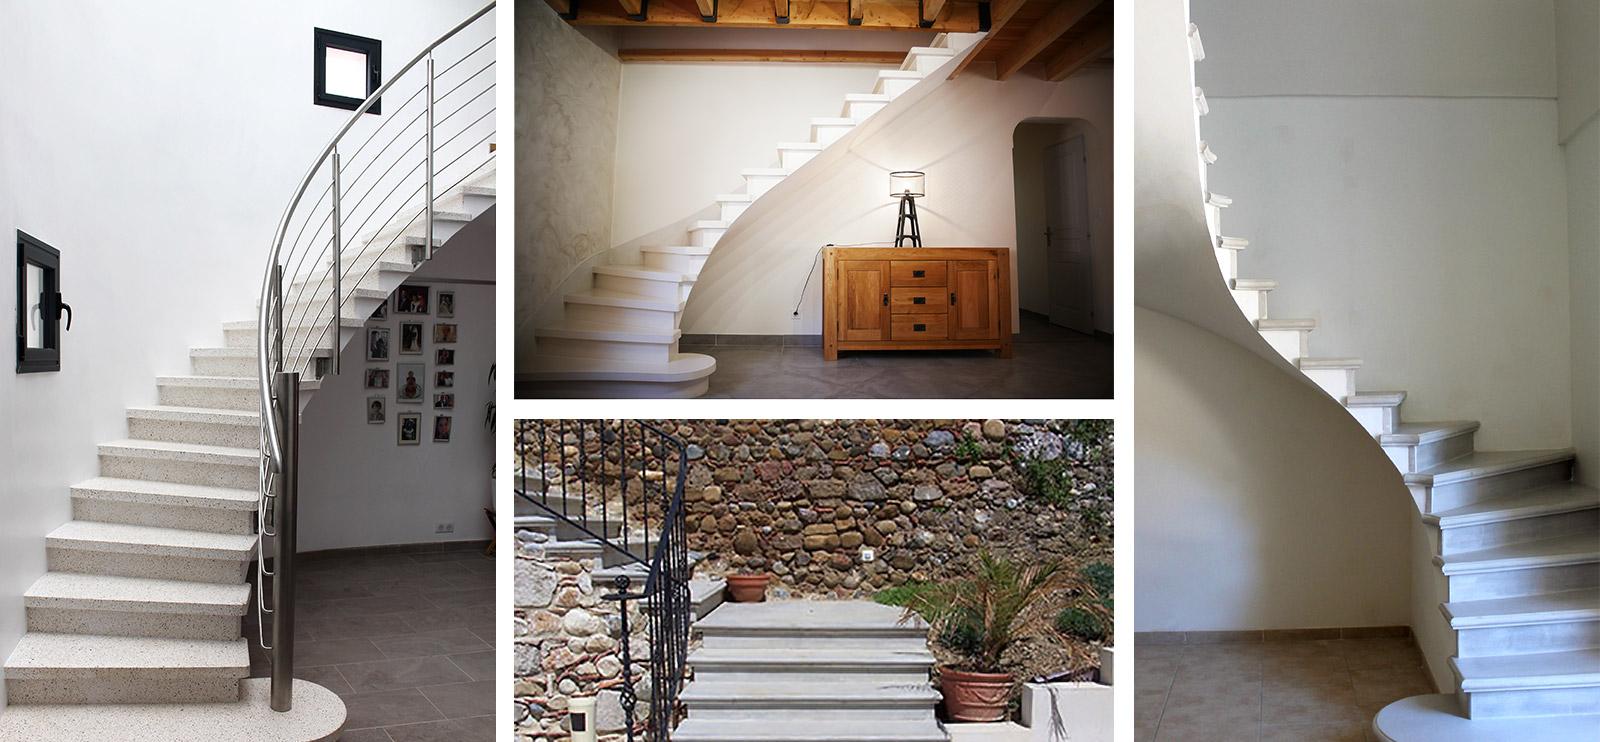 Prix Et Avantages De L Escalier En Beton